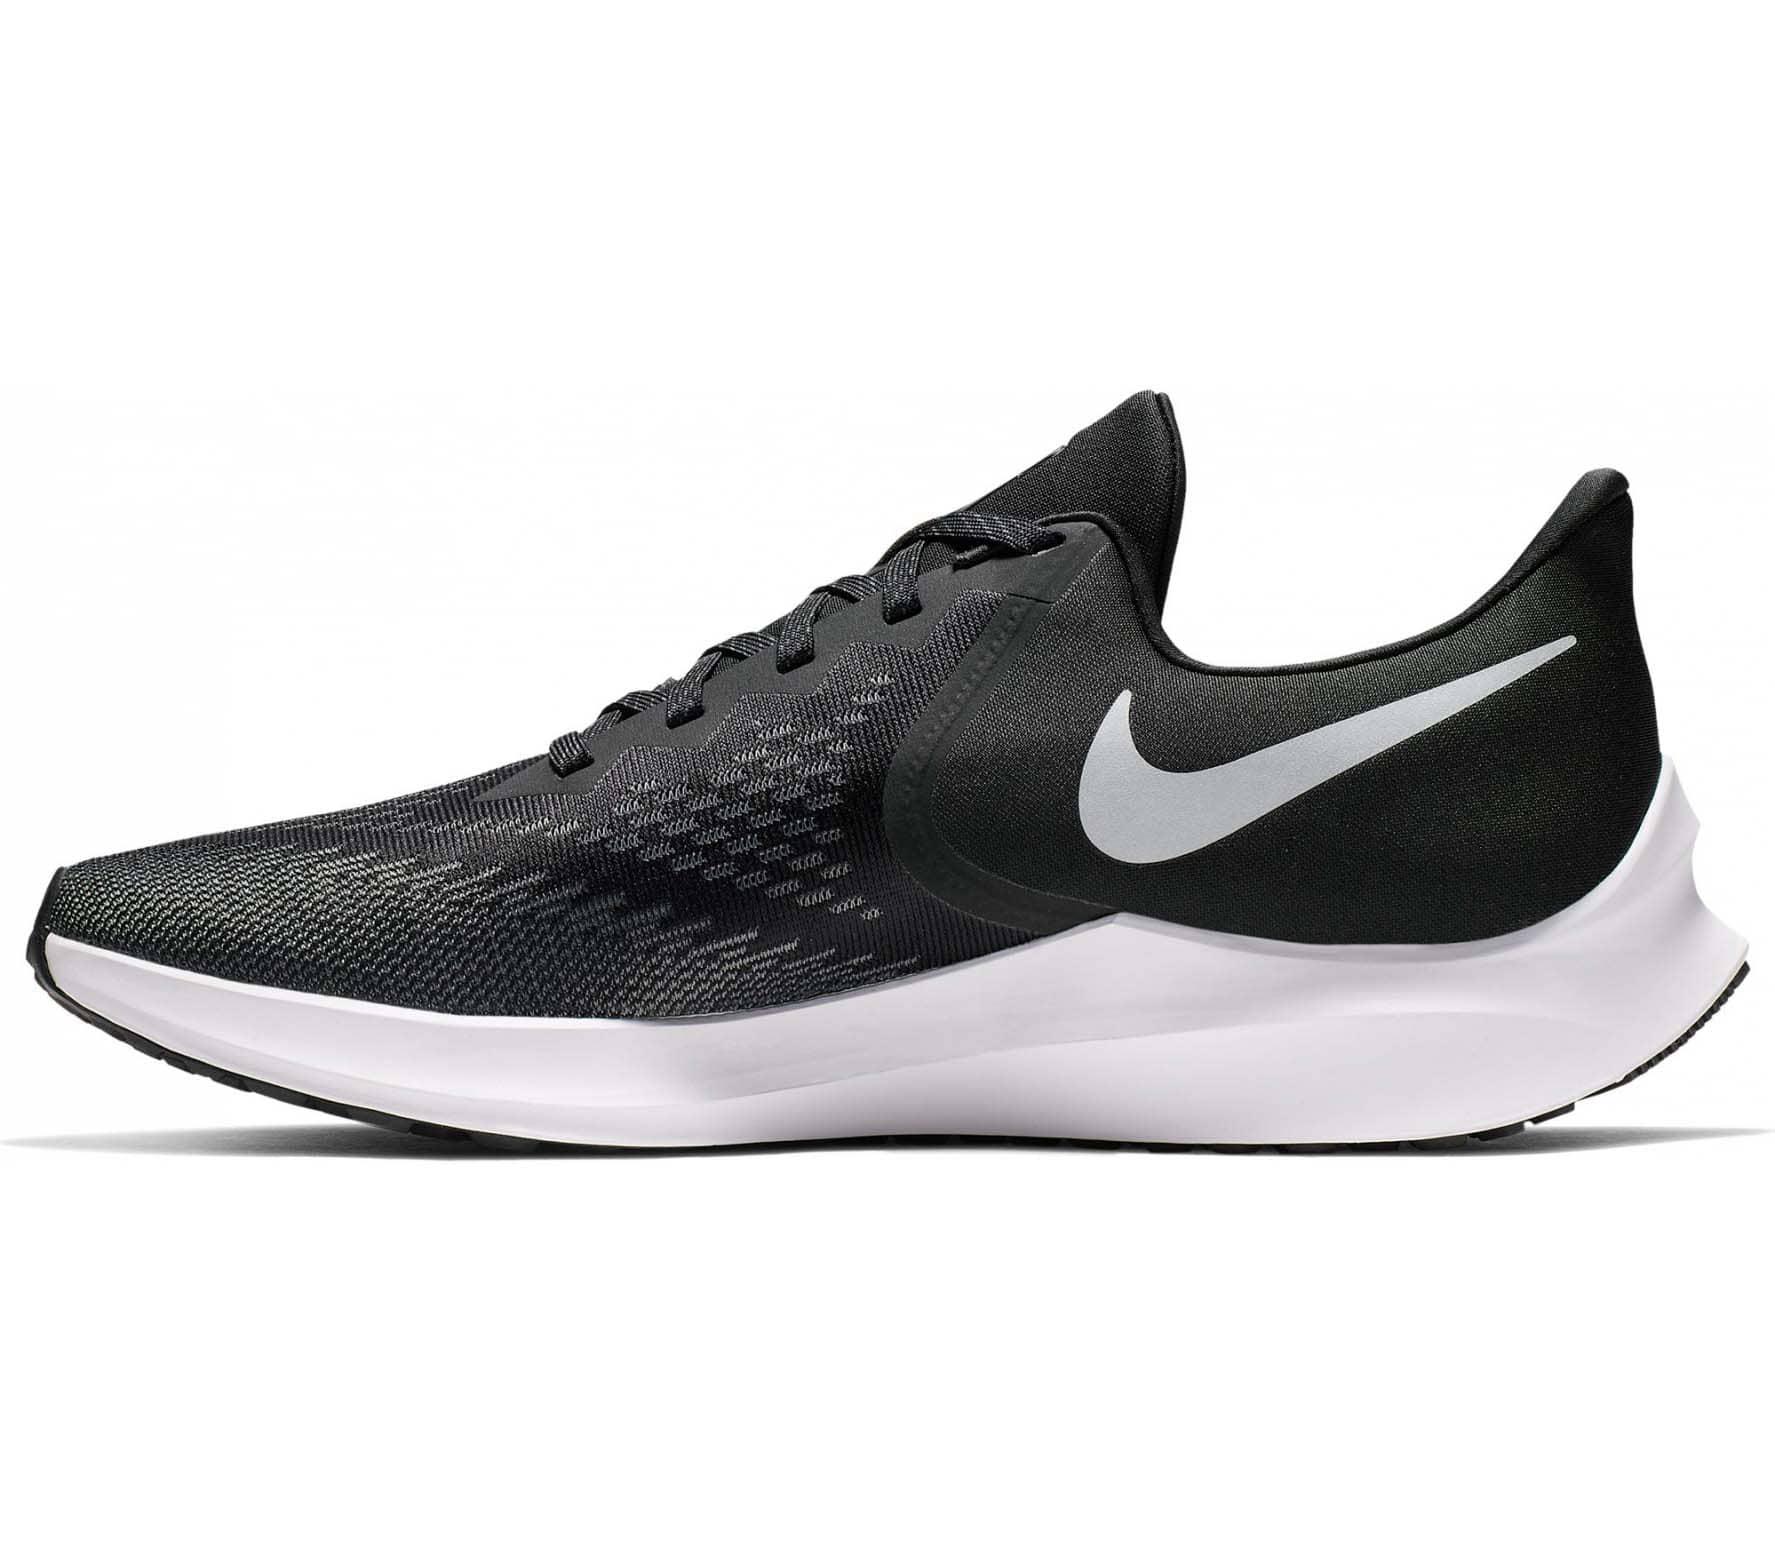 נעלי נייק ספורט גברים Nike Air Zoom Winflo 6 - תמונה 2